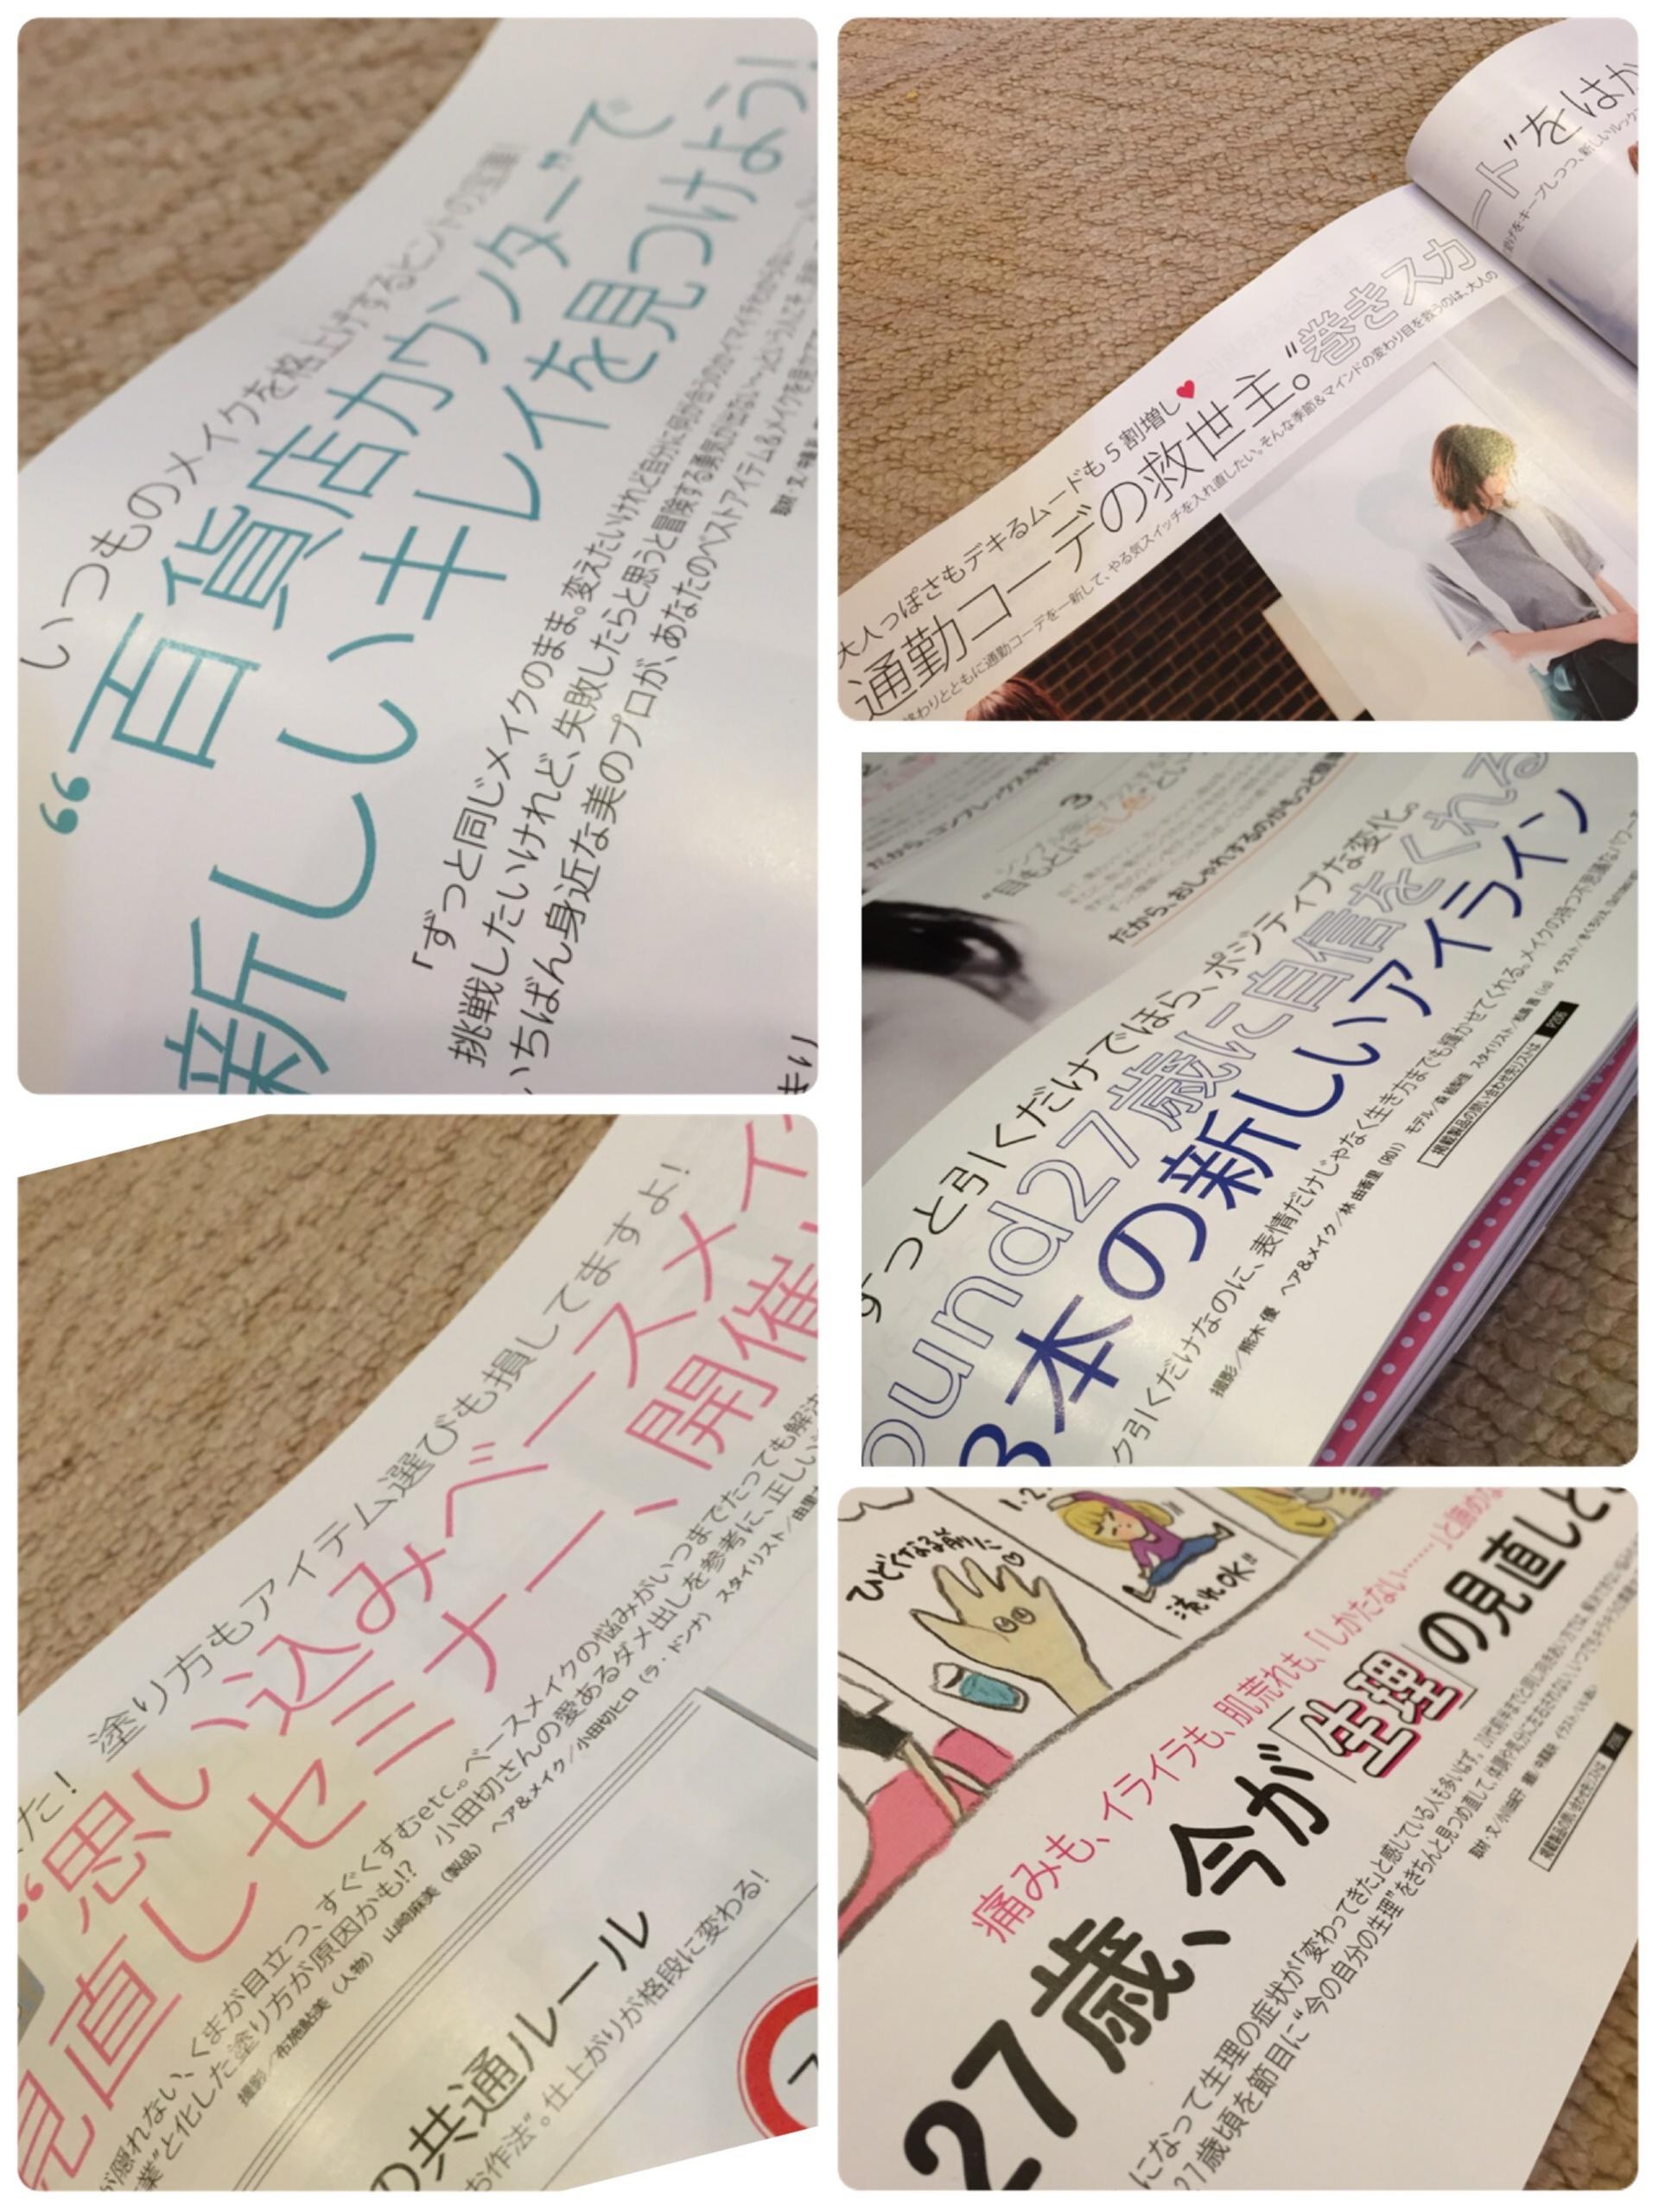 【MORE10月号/秋支度号が発売中】付録&オススメ特集をレポ!CLINIQUEで無料体験『キレイ☆TIME』レポも✨≪samenyan≫_6